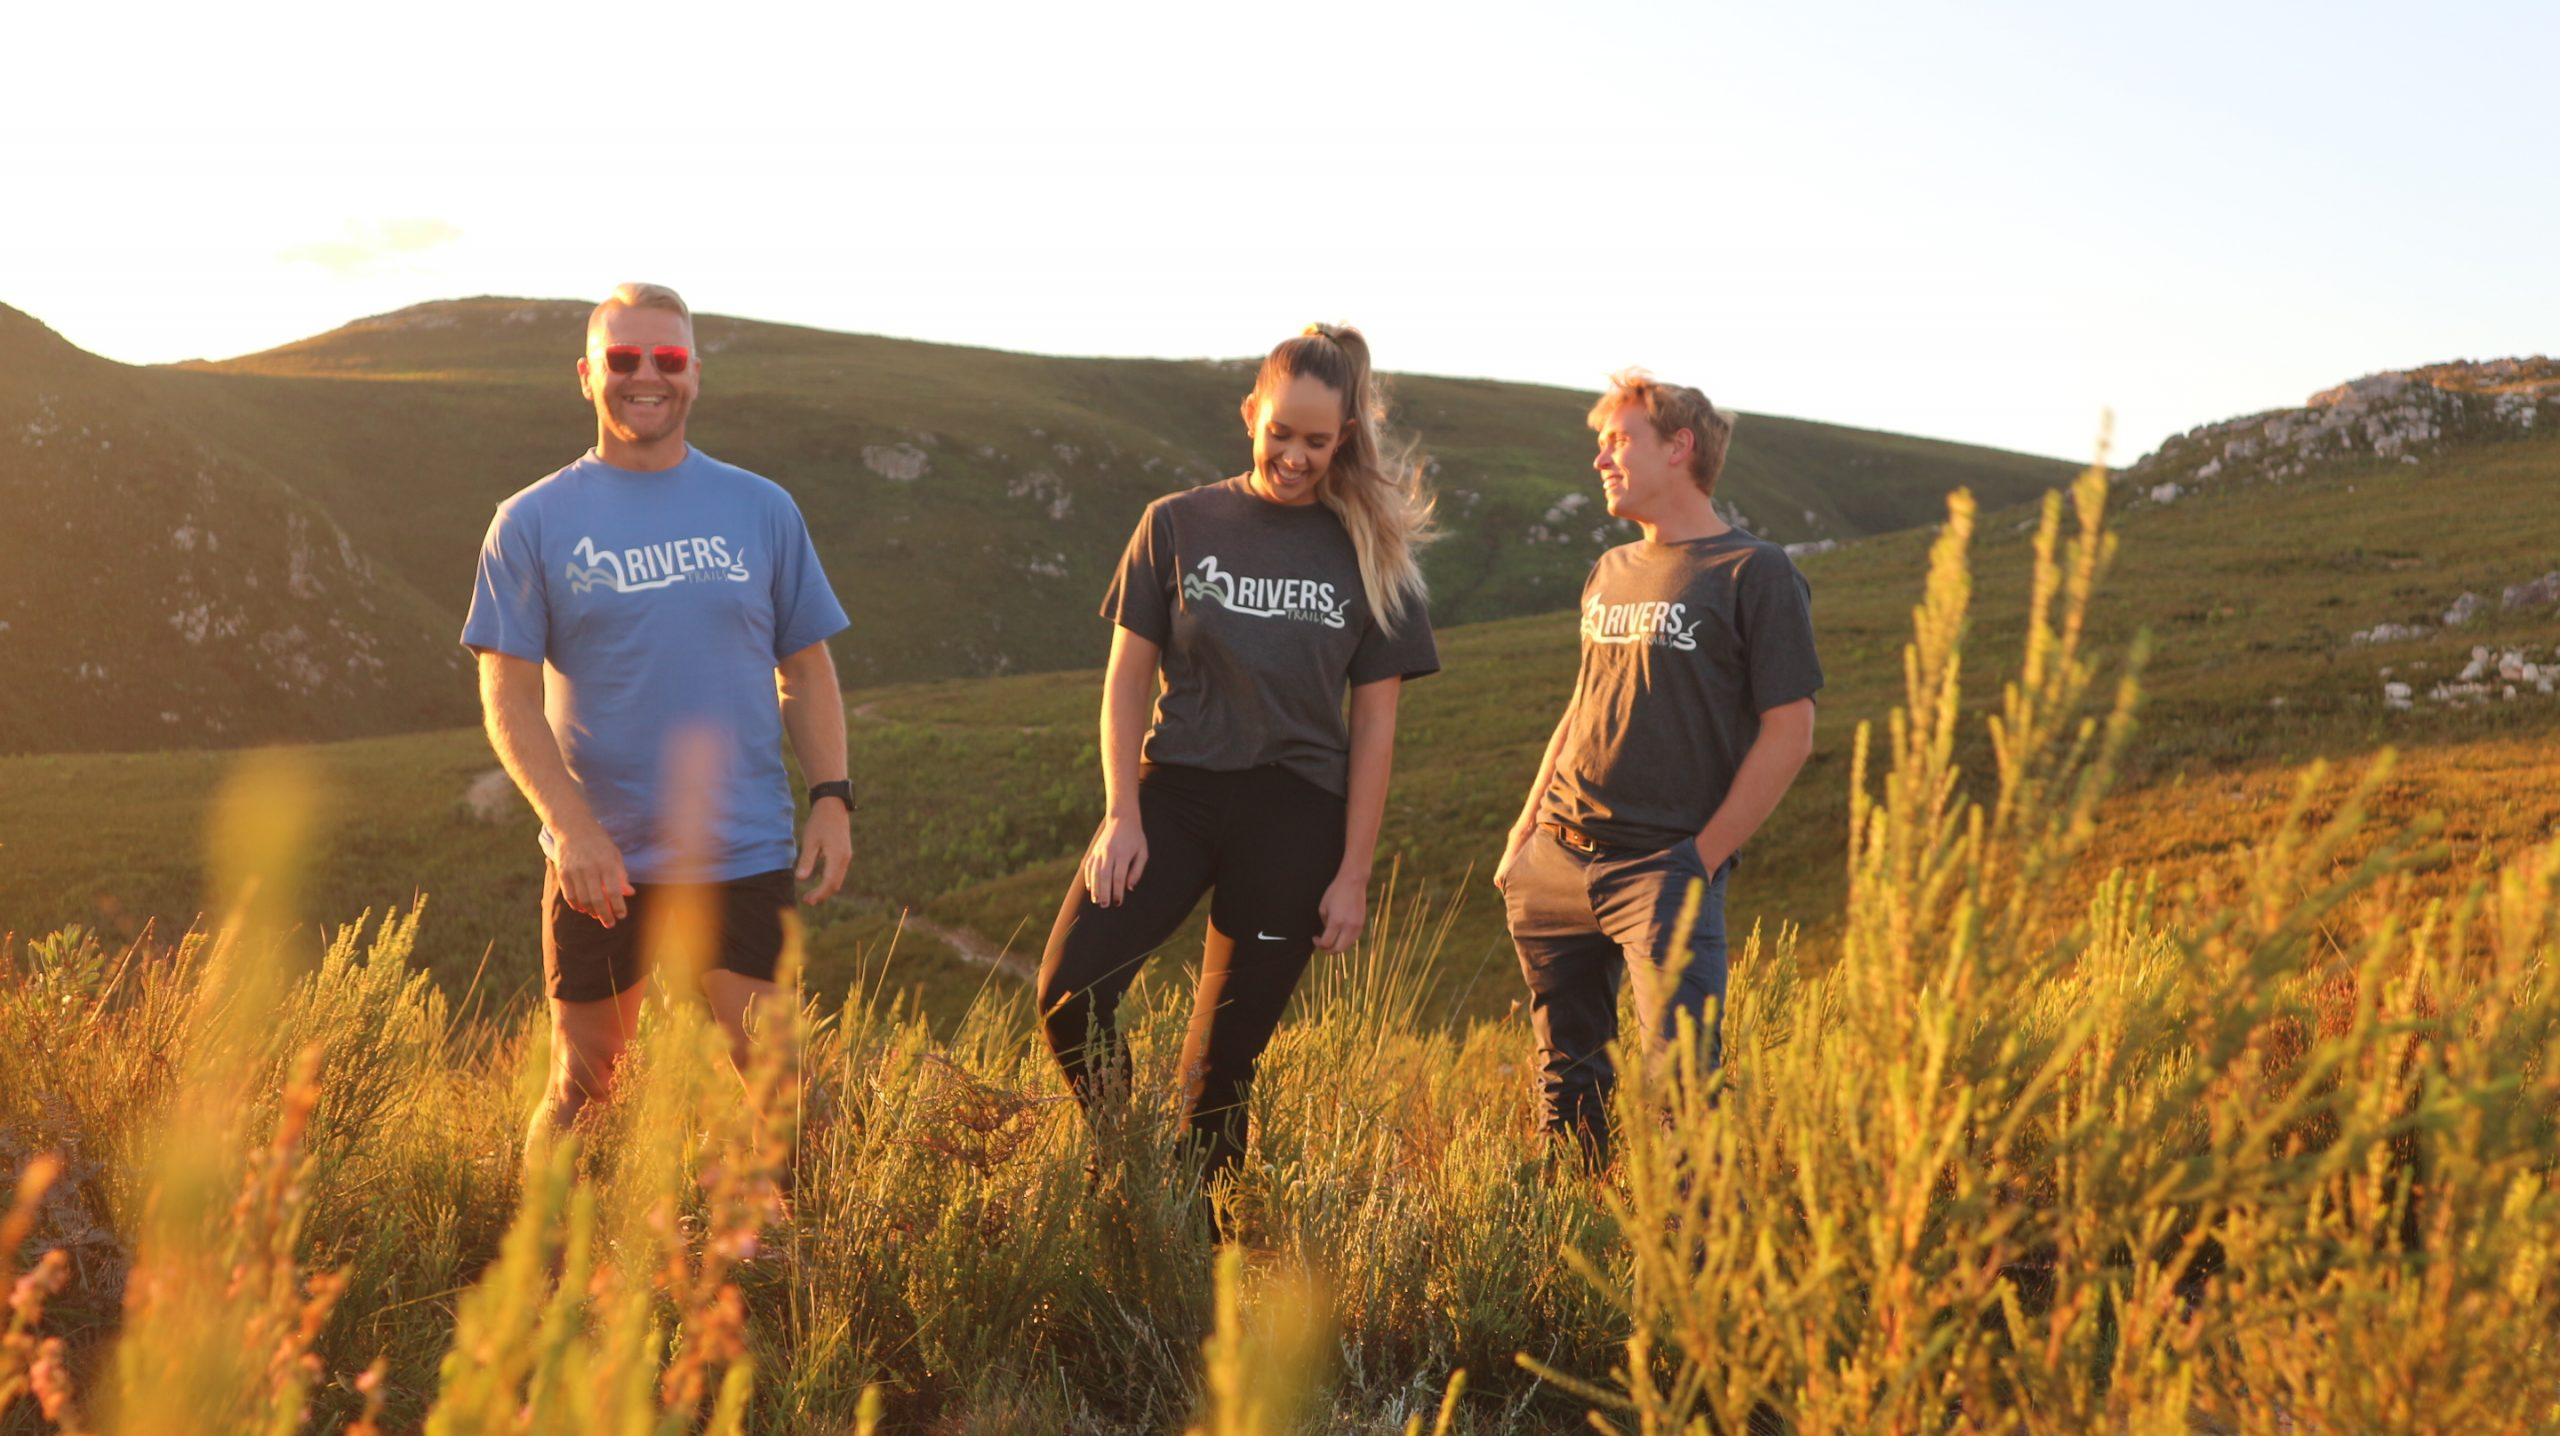 3Rivers Trails T-shirts